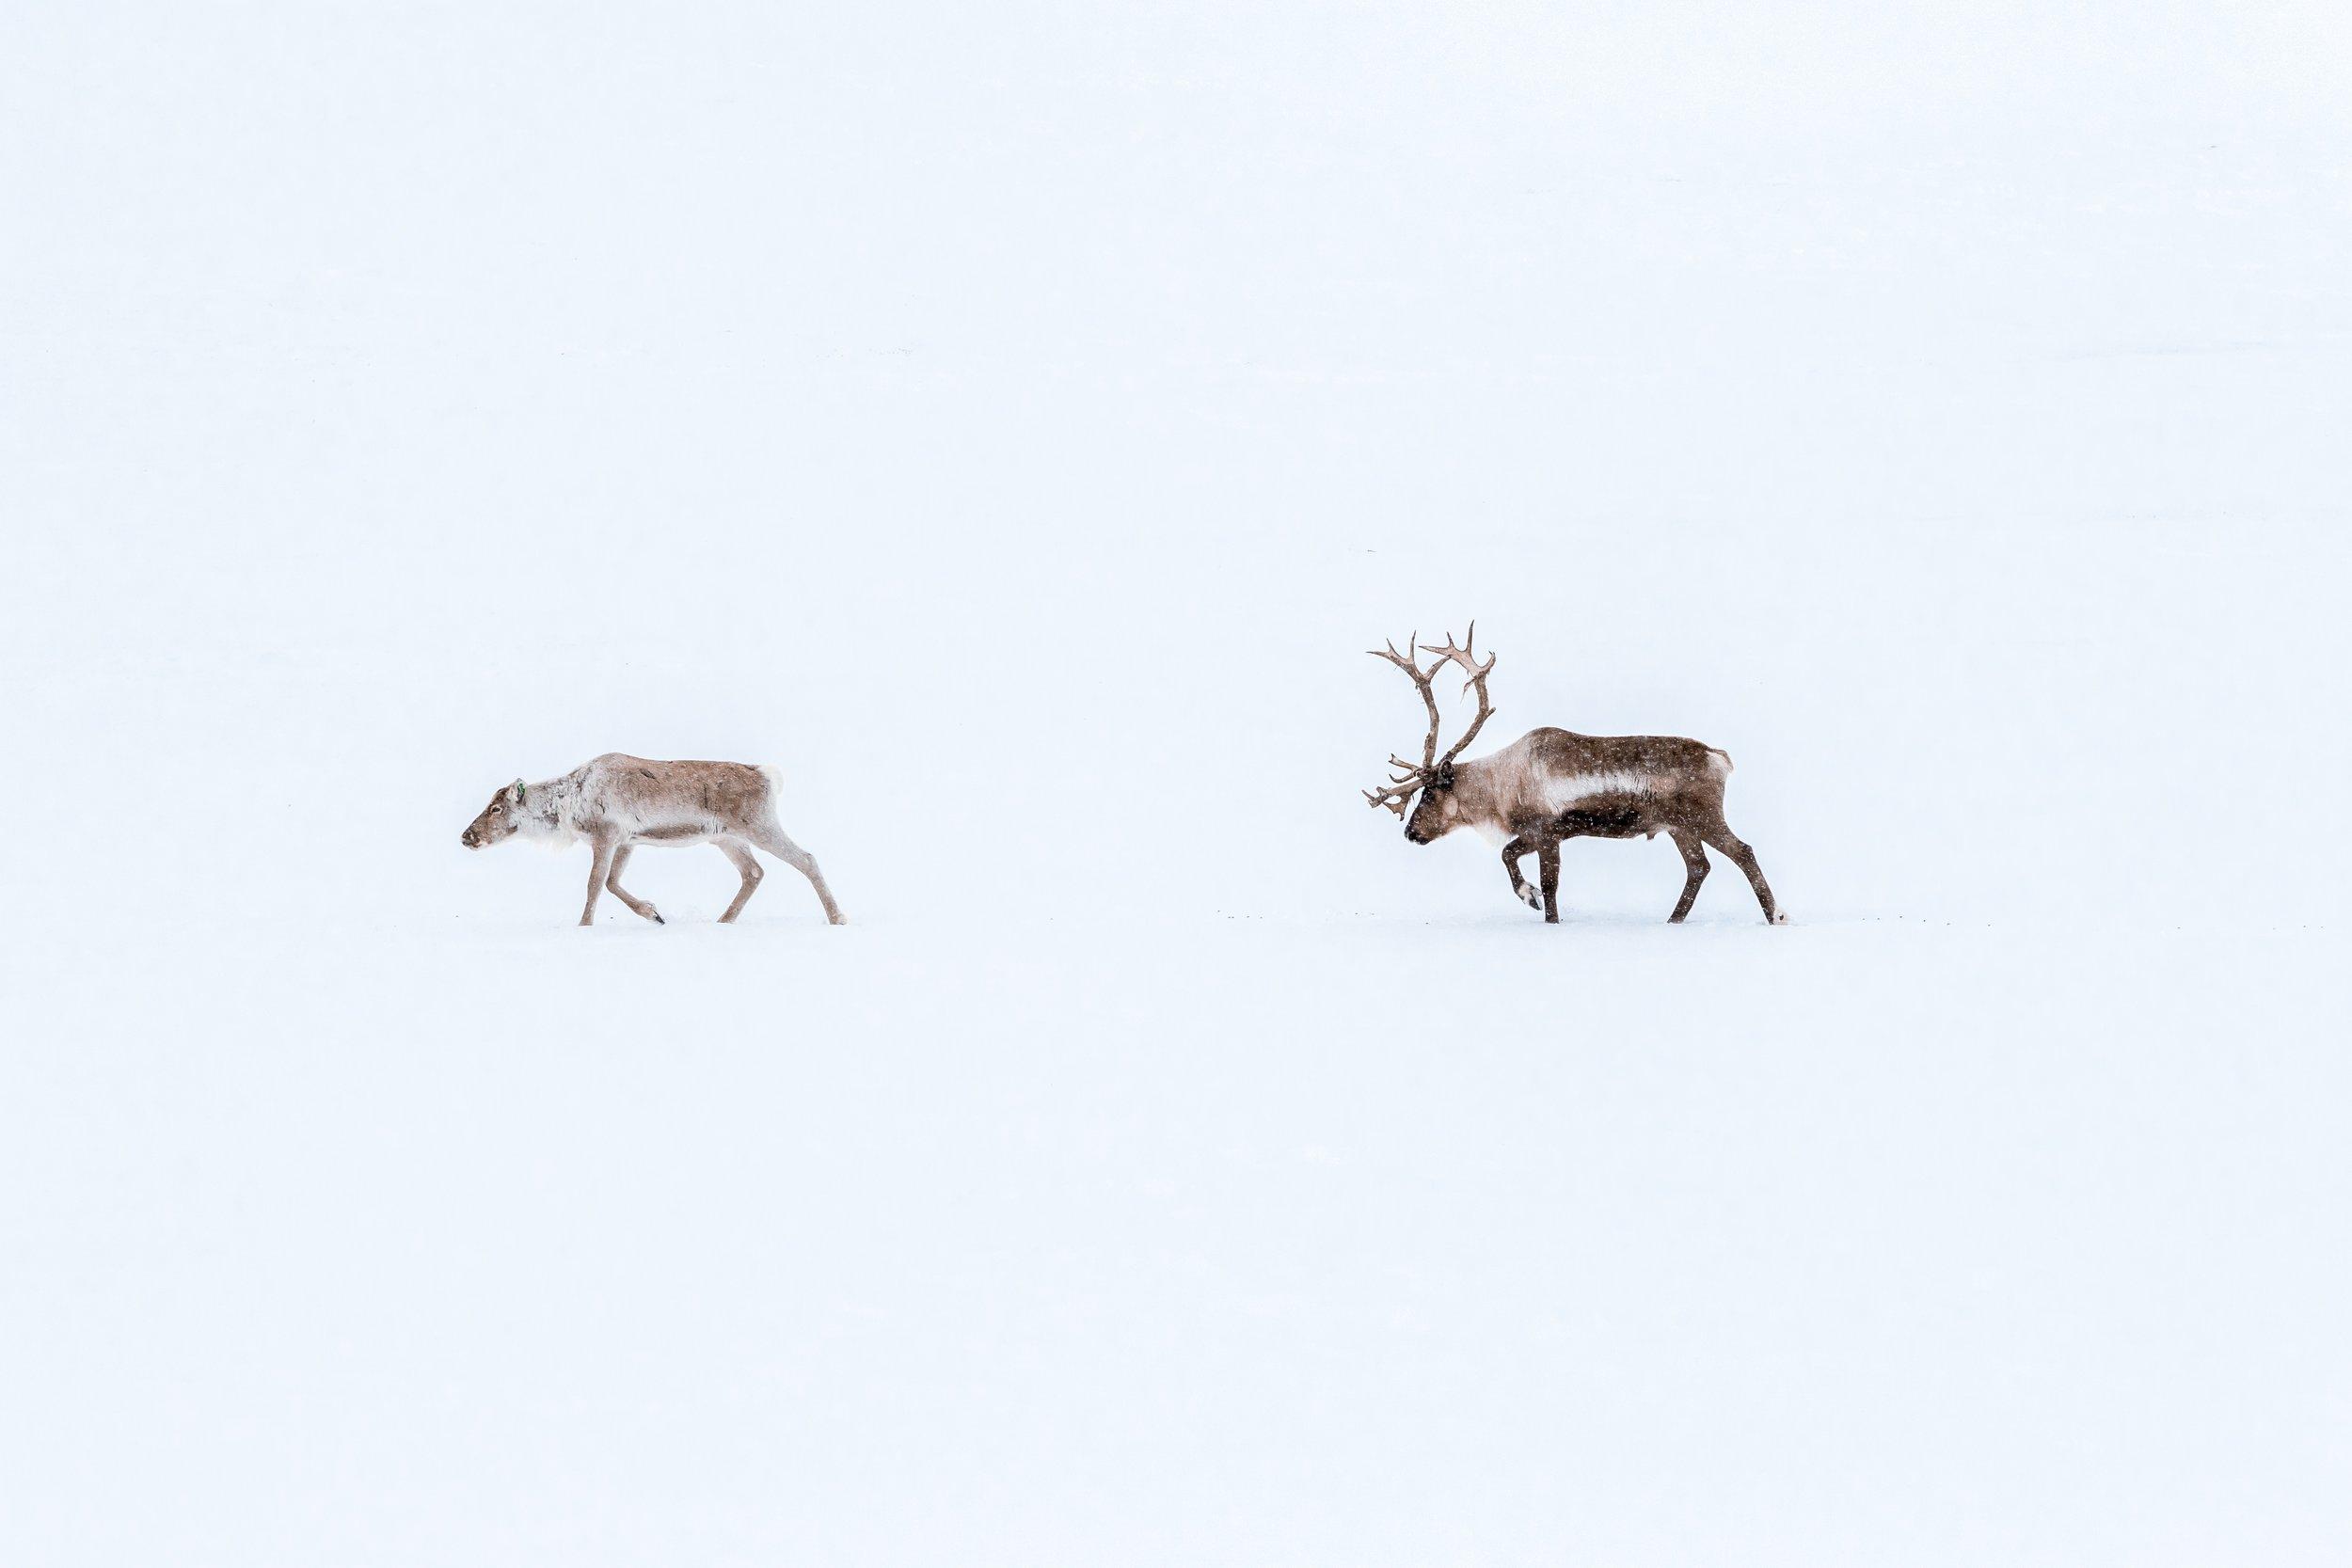 Reindeer by Marcus Löfvenberg